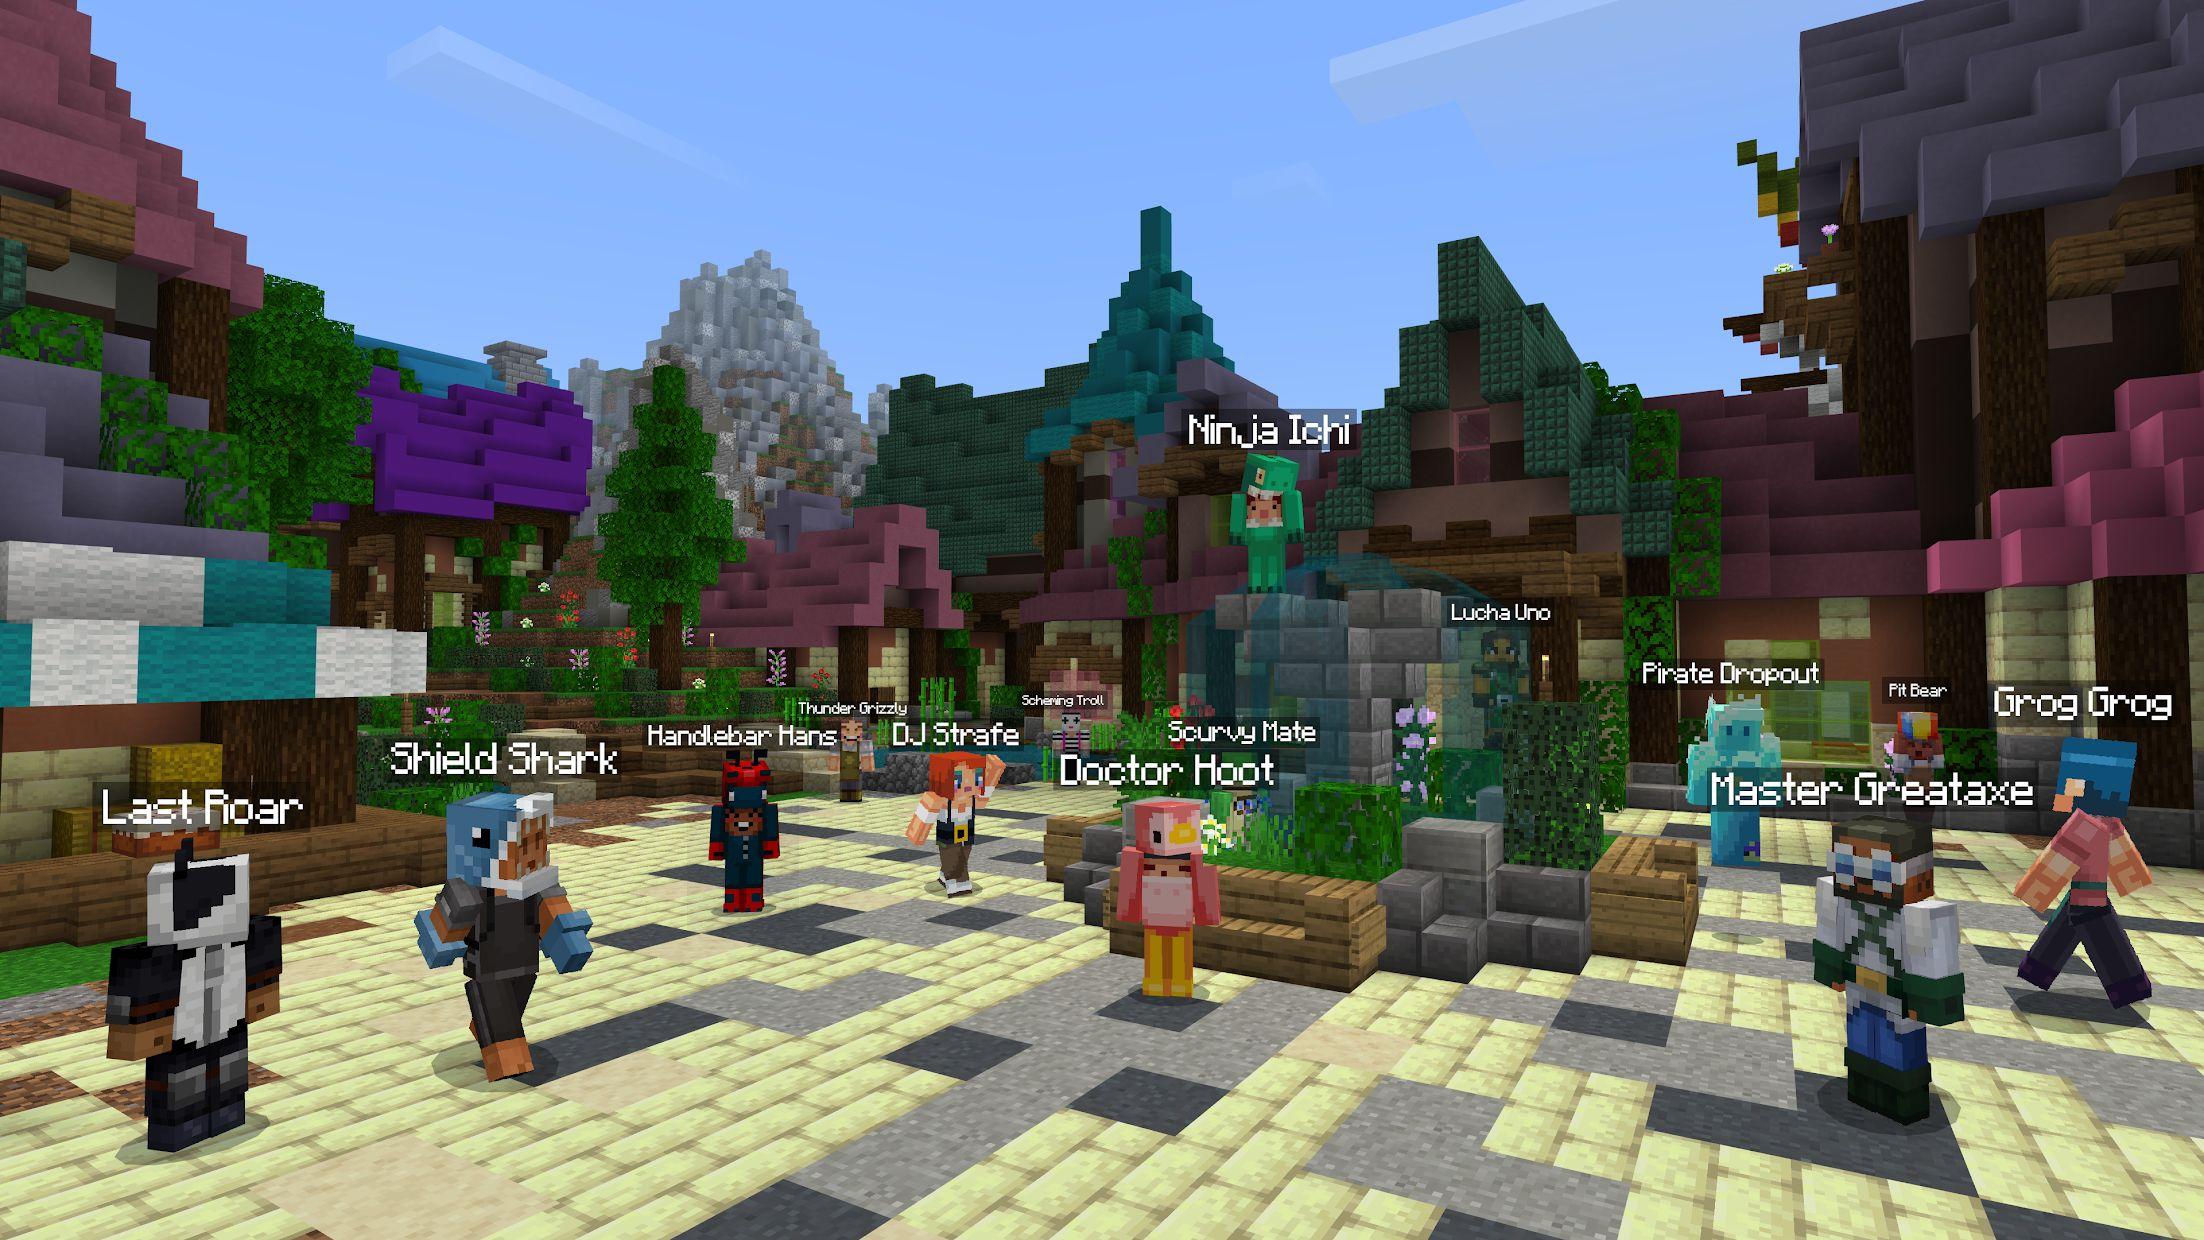 我的世界(Minecraft) 游戏截图3